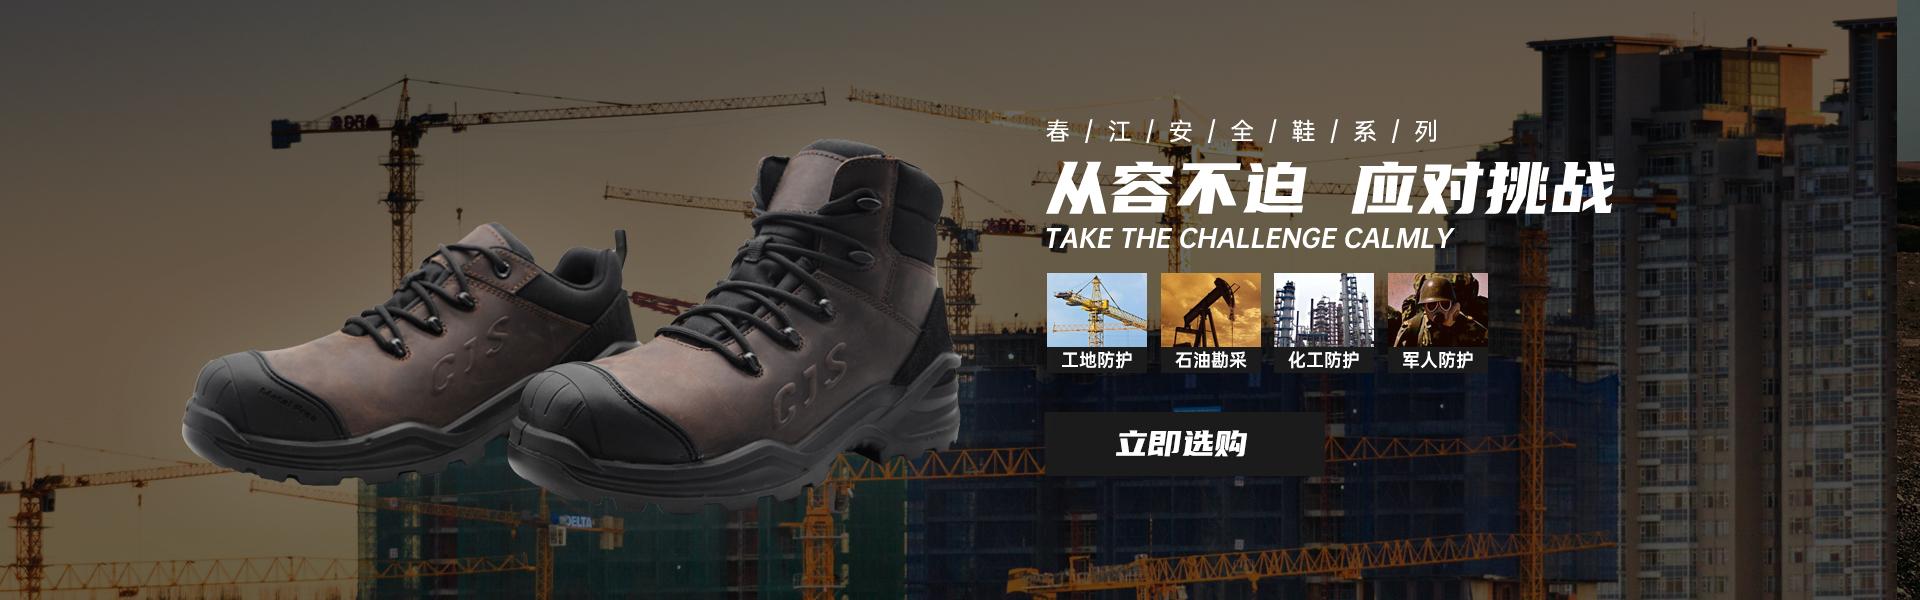 安全鞋厂家,安全鞋批发,山东劳保鞋,劳保鞋厂家